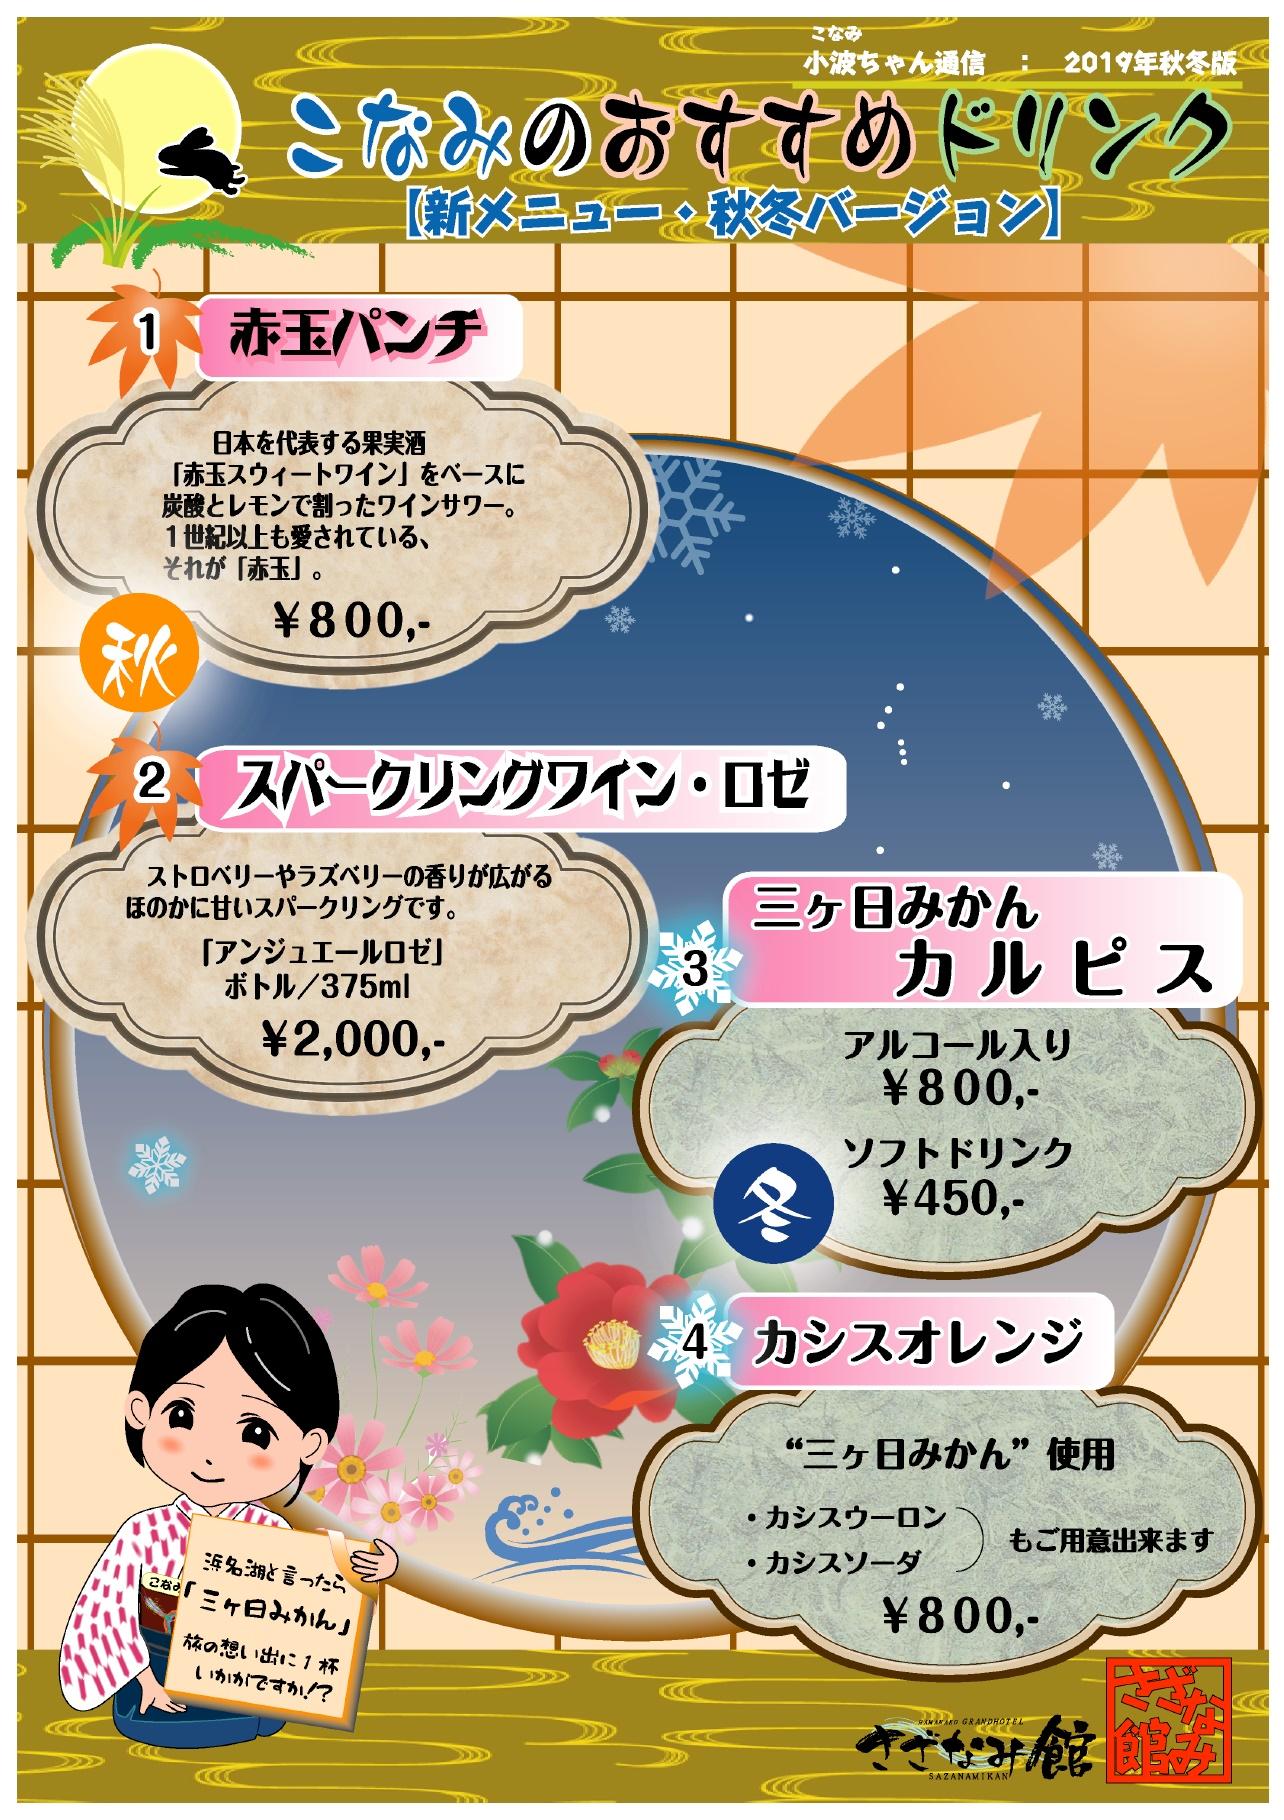 秋冬新メニュー登場!こなみちゃん通信